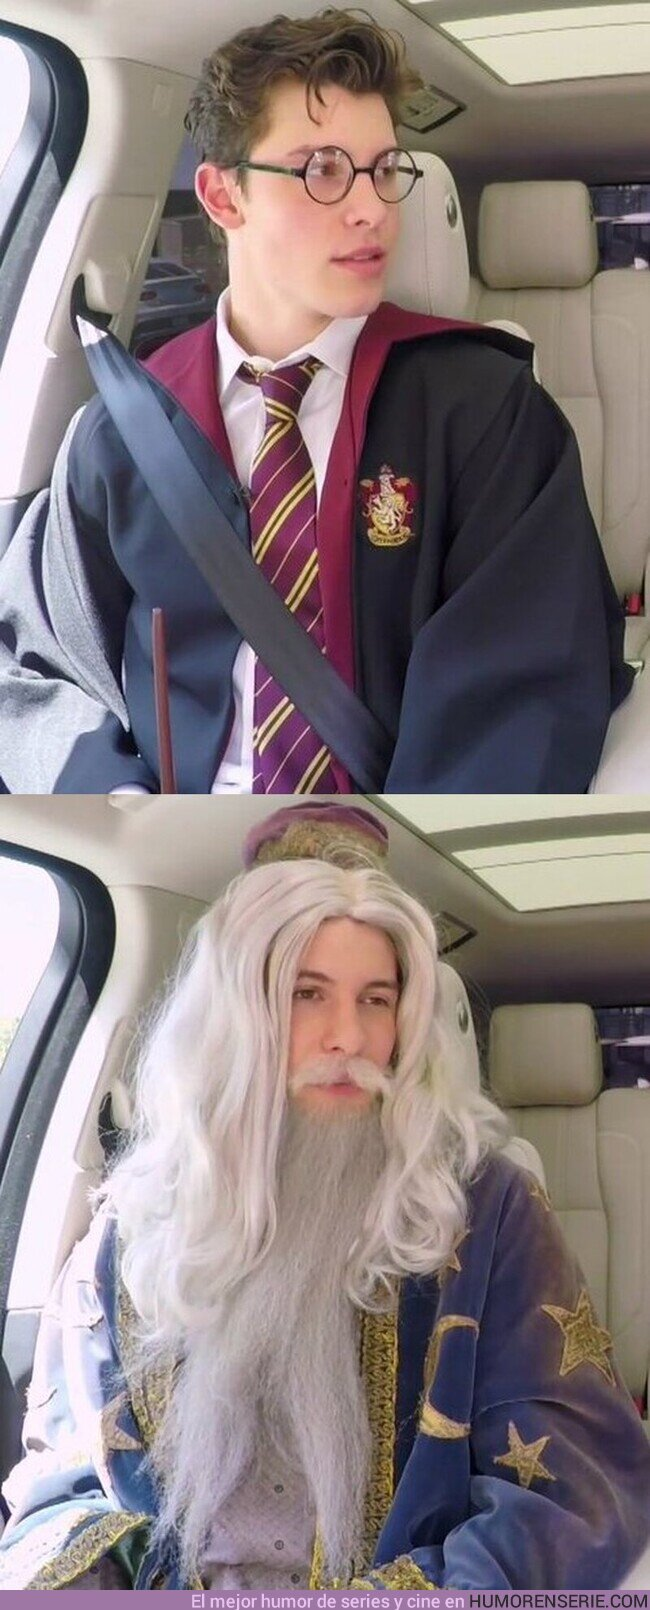 52603 - Shawn Mendes disfrazado de Harry Potter y Albus Dumbledore es lo mejor que verás en mucho tiempo